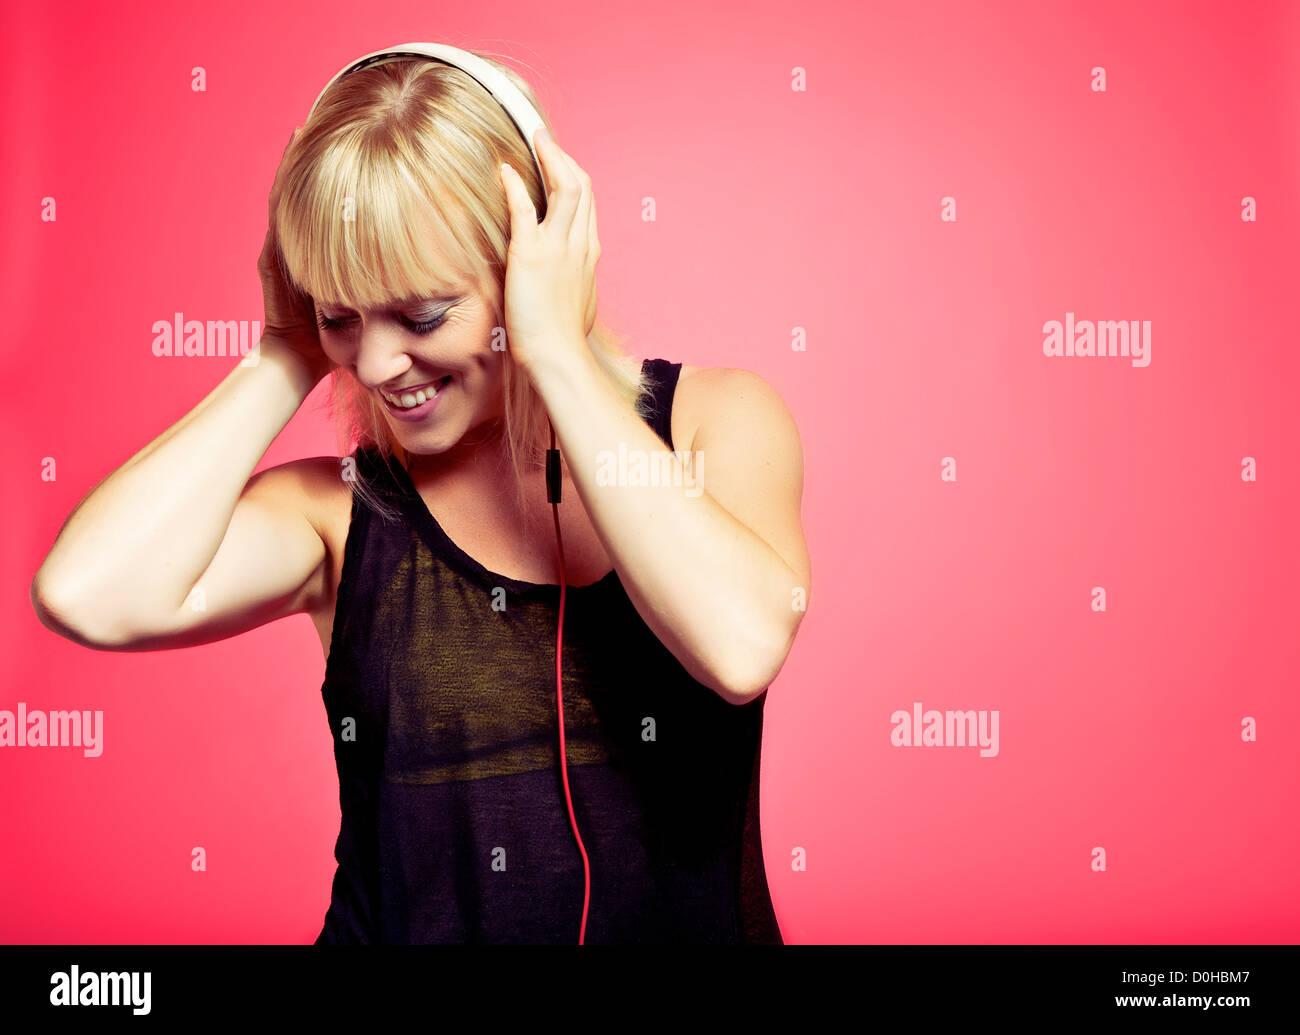 Atractiva mujer joven mirando hacia abajo mientras disfruta de la música desde su reproductor de mp3 Imagen De Stock